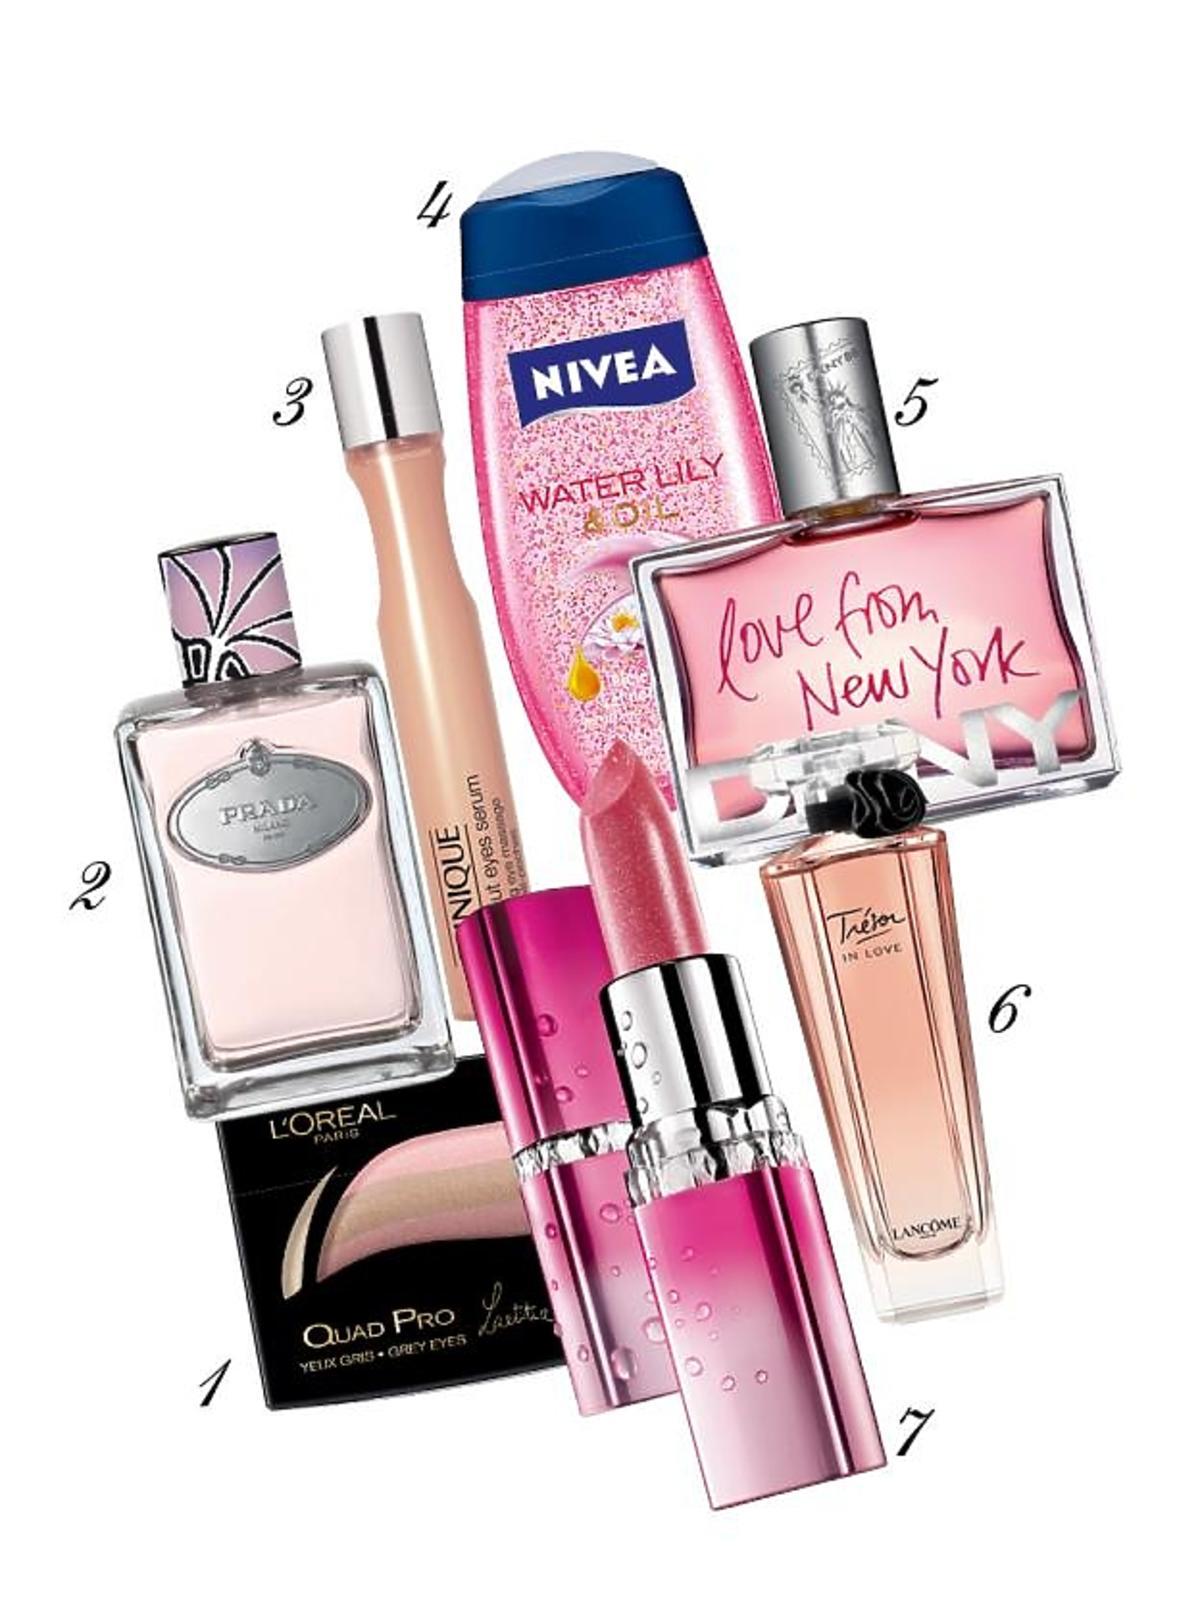 perfumy, kosmetyki, cienie do powiek, szminka, żel pod prysznic, Prada, Nivea, Lancome, DKNY, Maybelline, Clinique